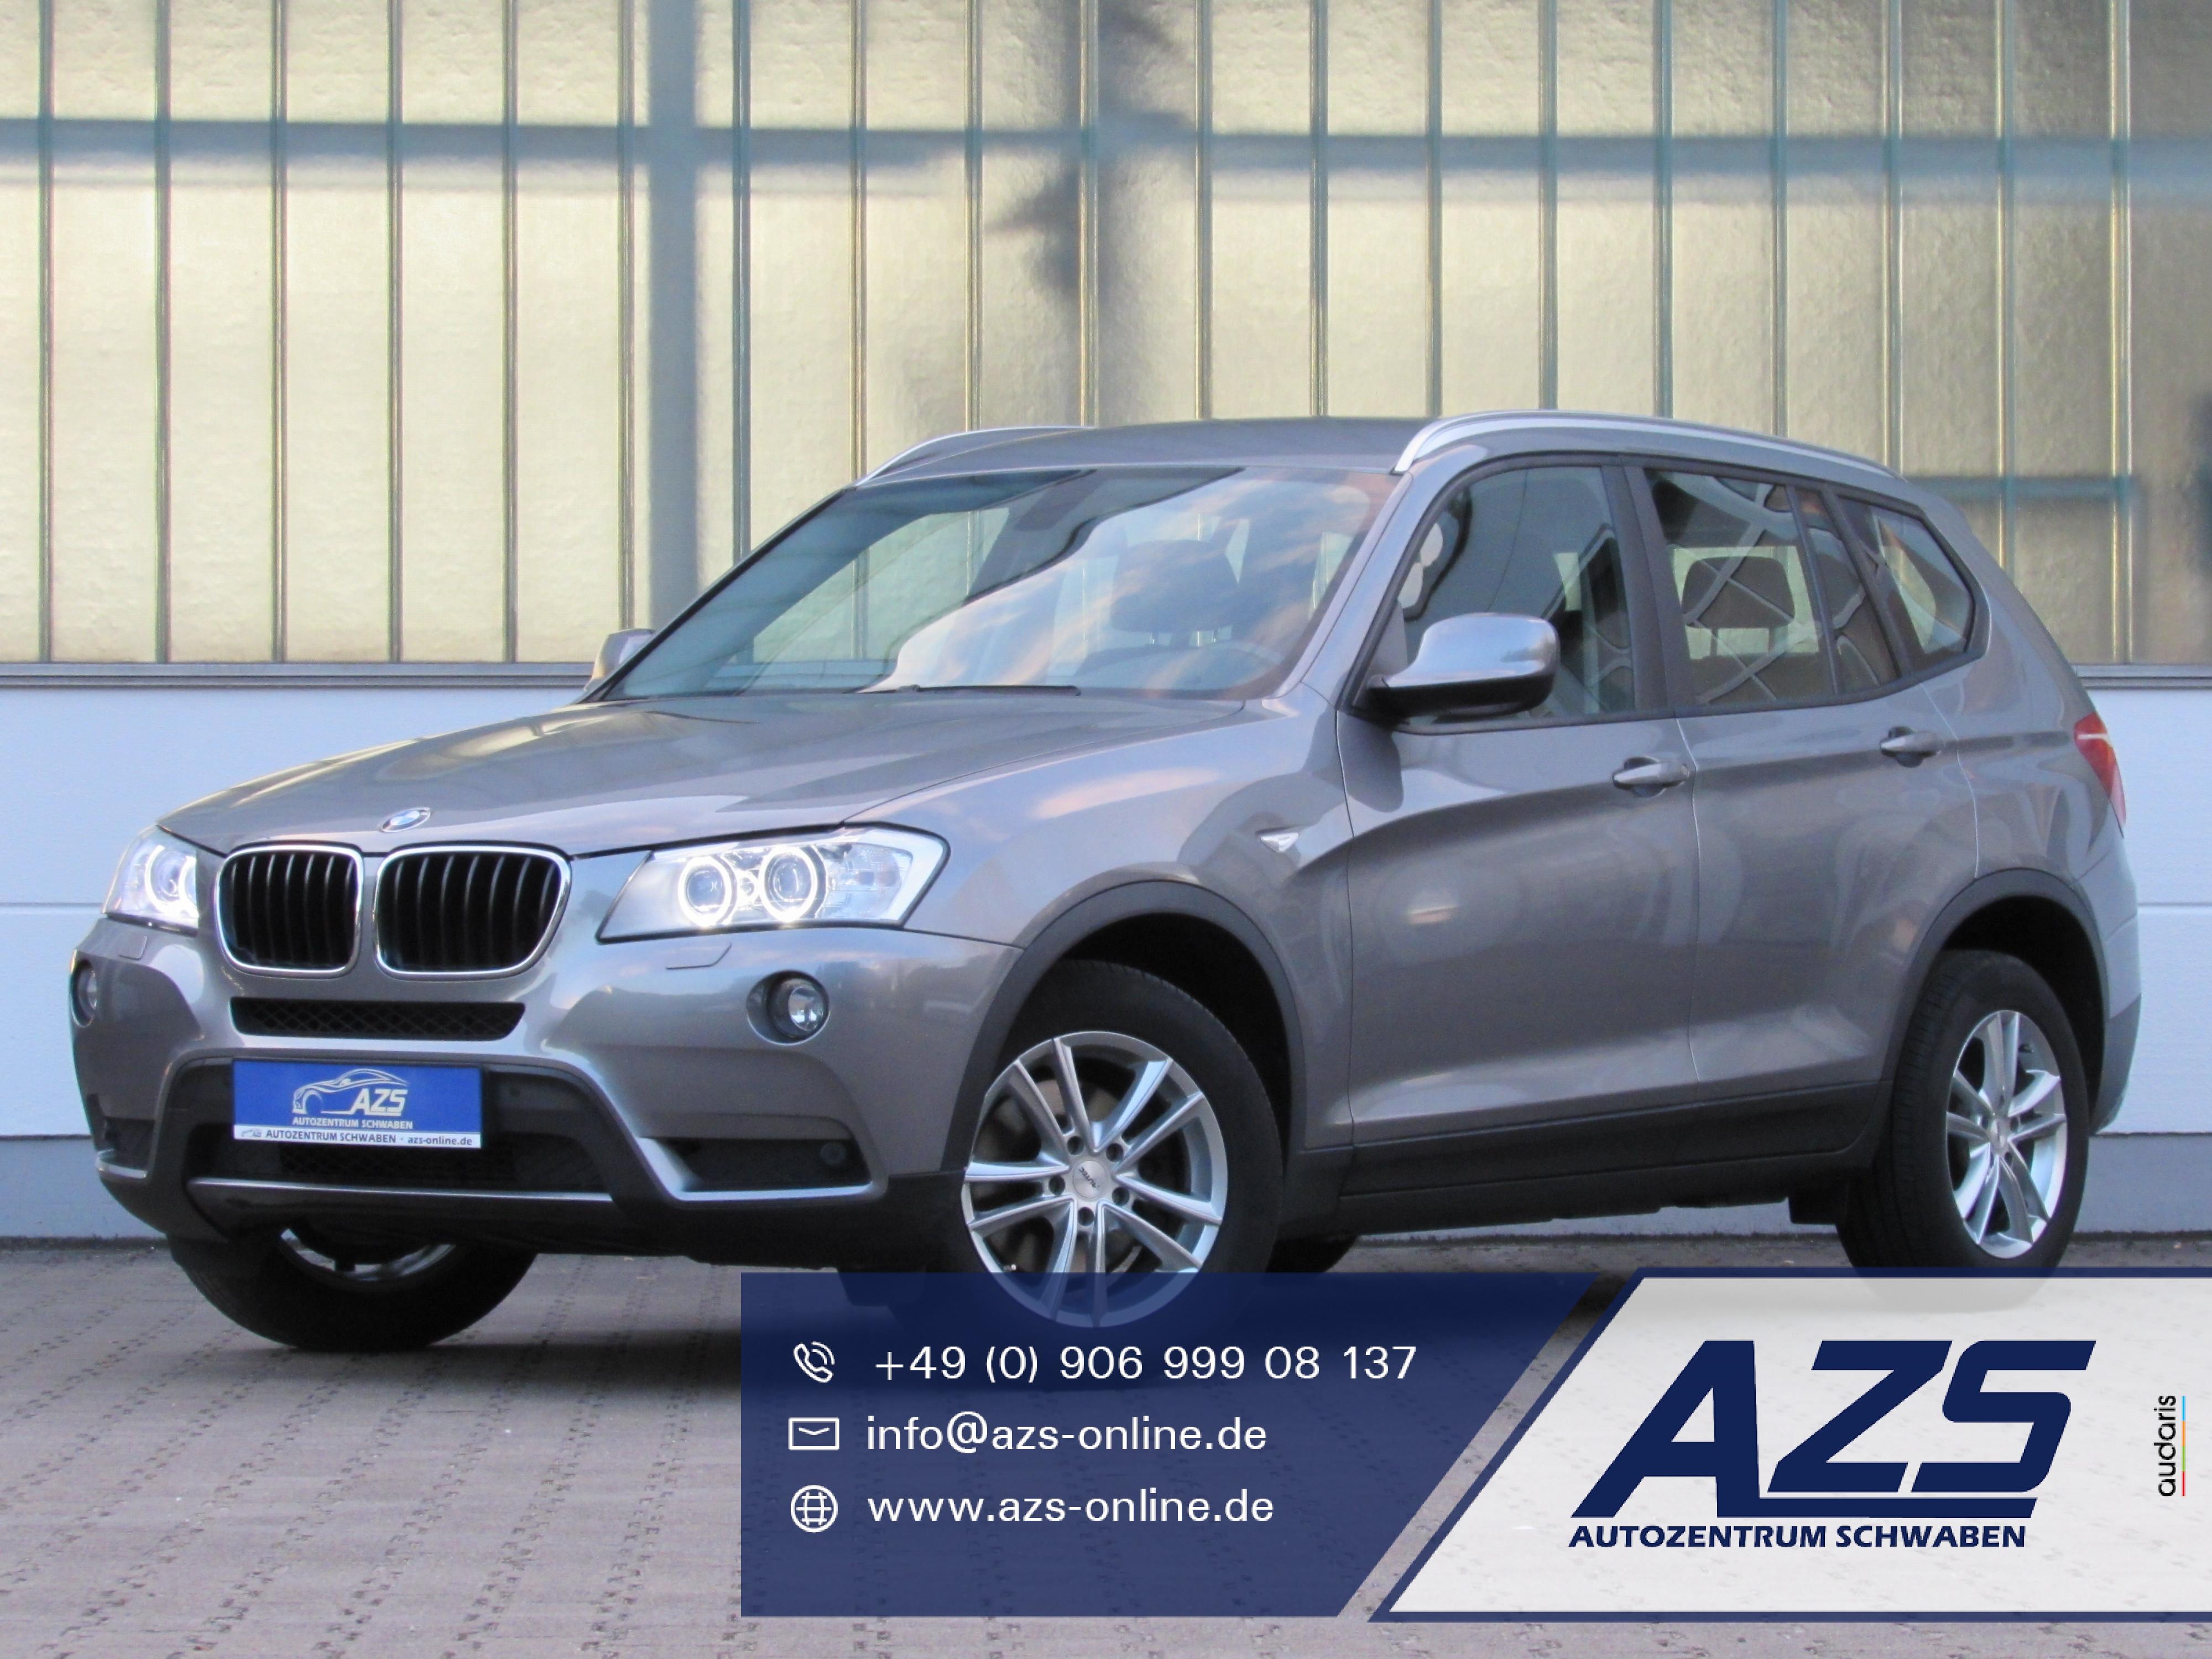 BMW X3 xDrive   Navi   Bi-Xenon   PDC   1,99%  , Jahr 2013, Diesel